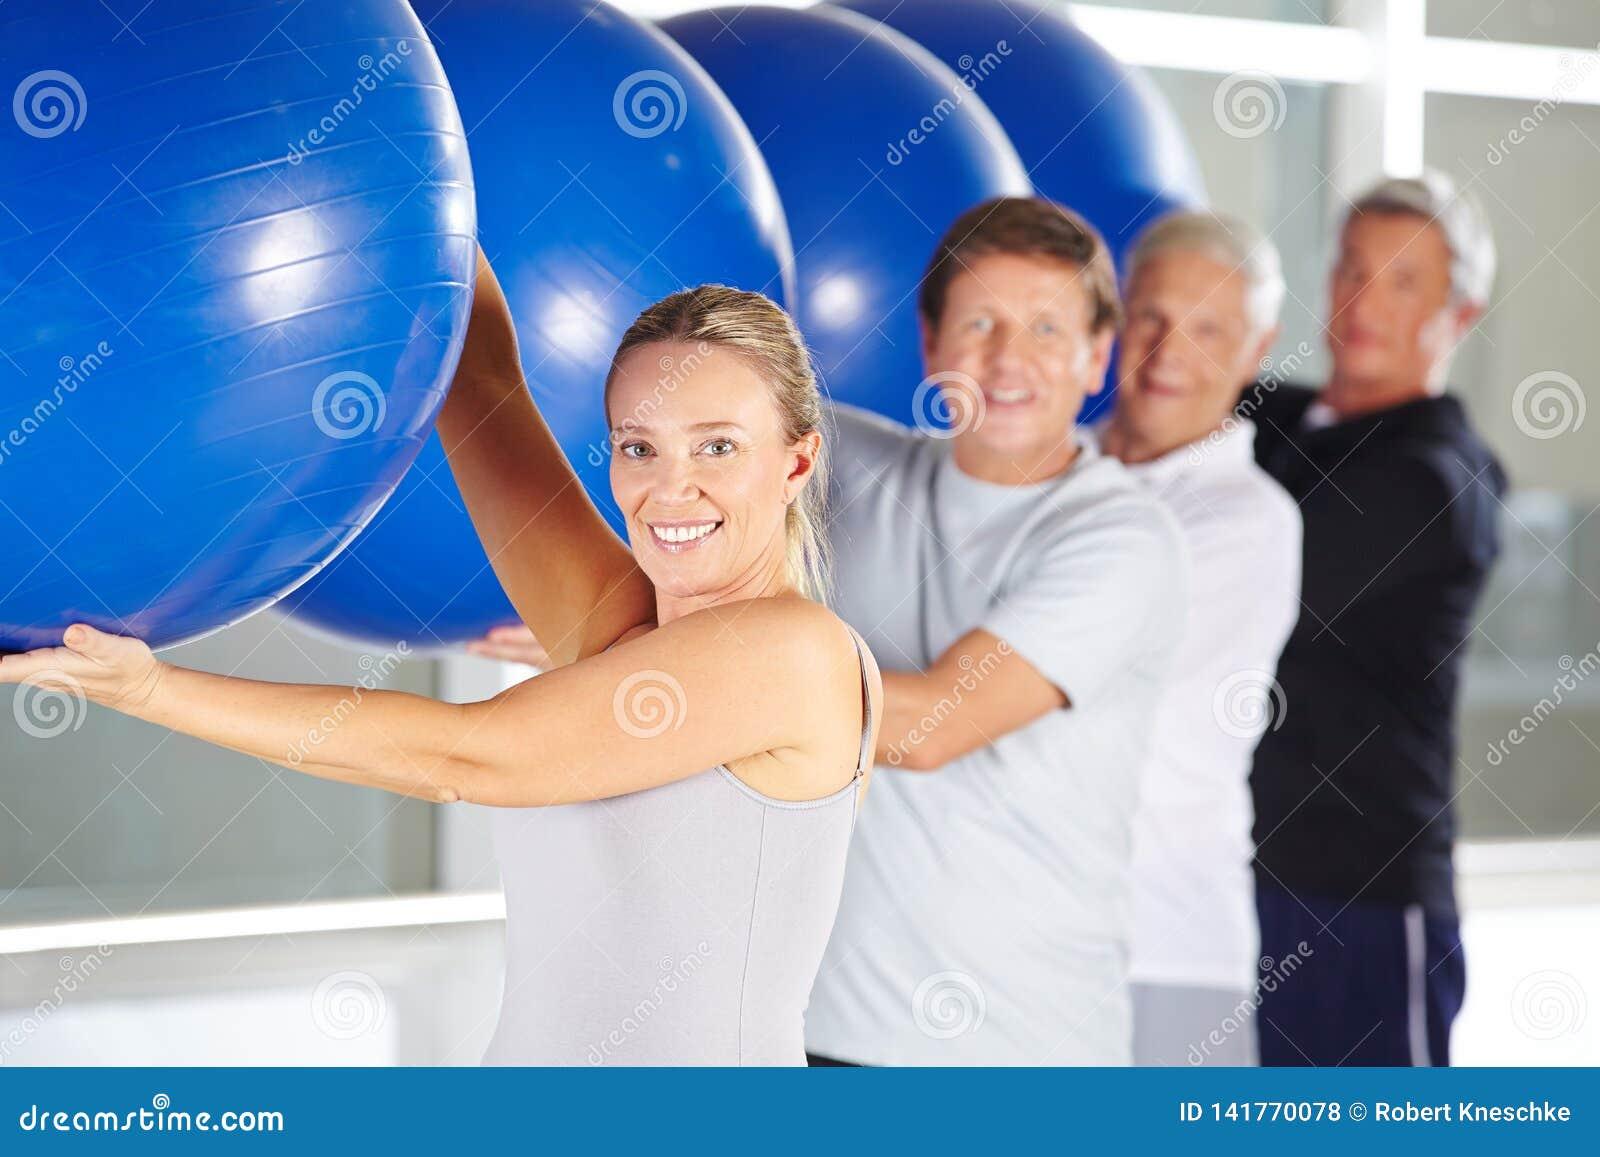 Group of seniors doing fitness training in the rehabilitation center